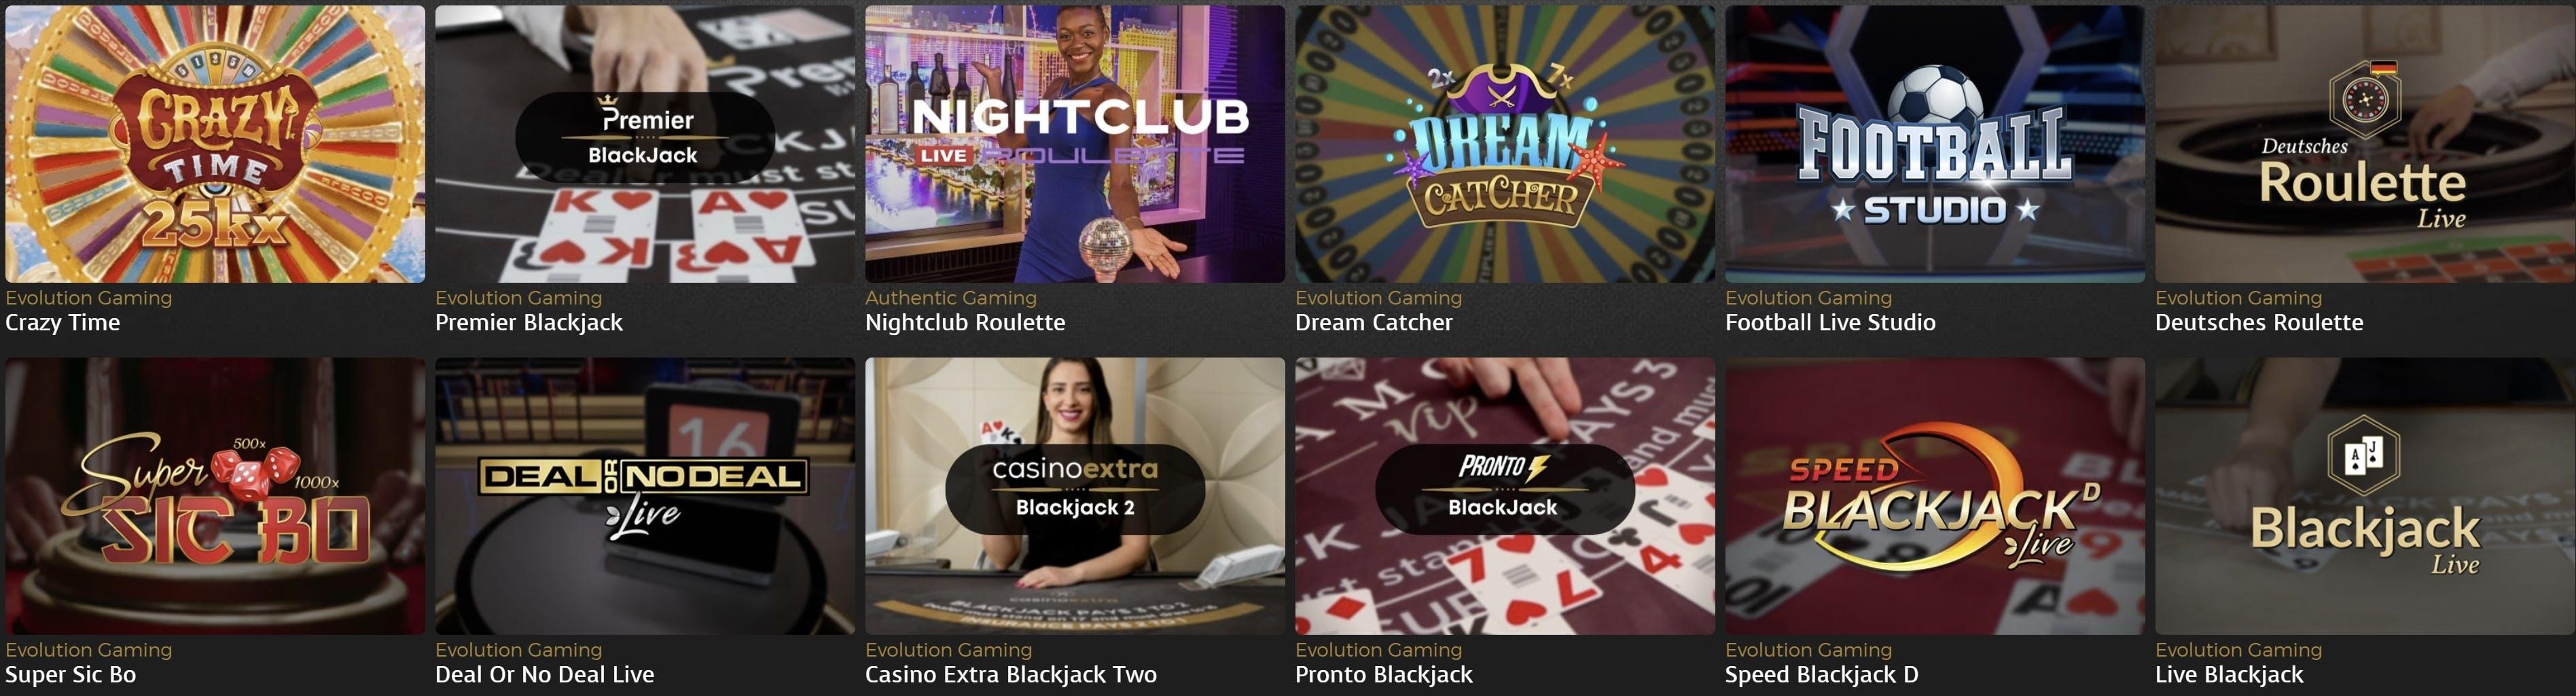 Casino Extra live games